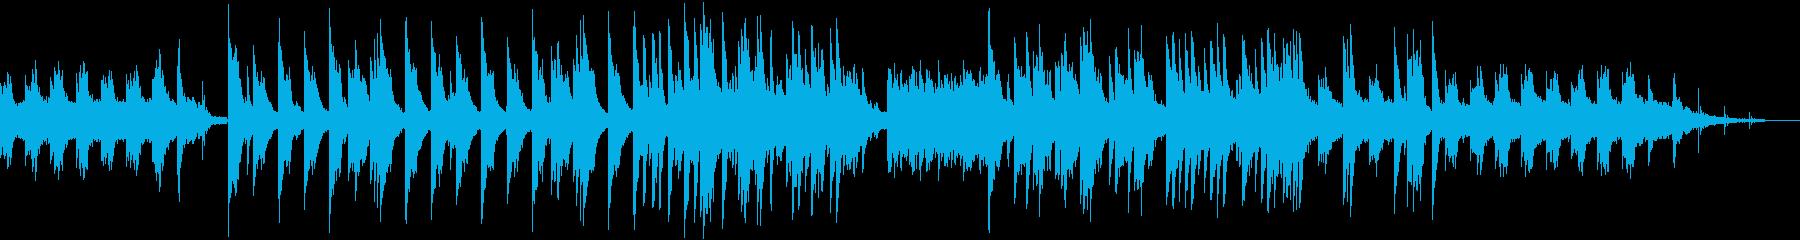 シンセサイザーのサウンドが切ないBGMの再生済みの波形